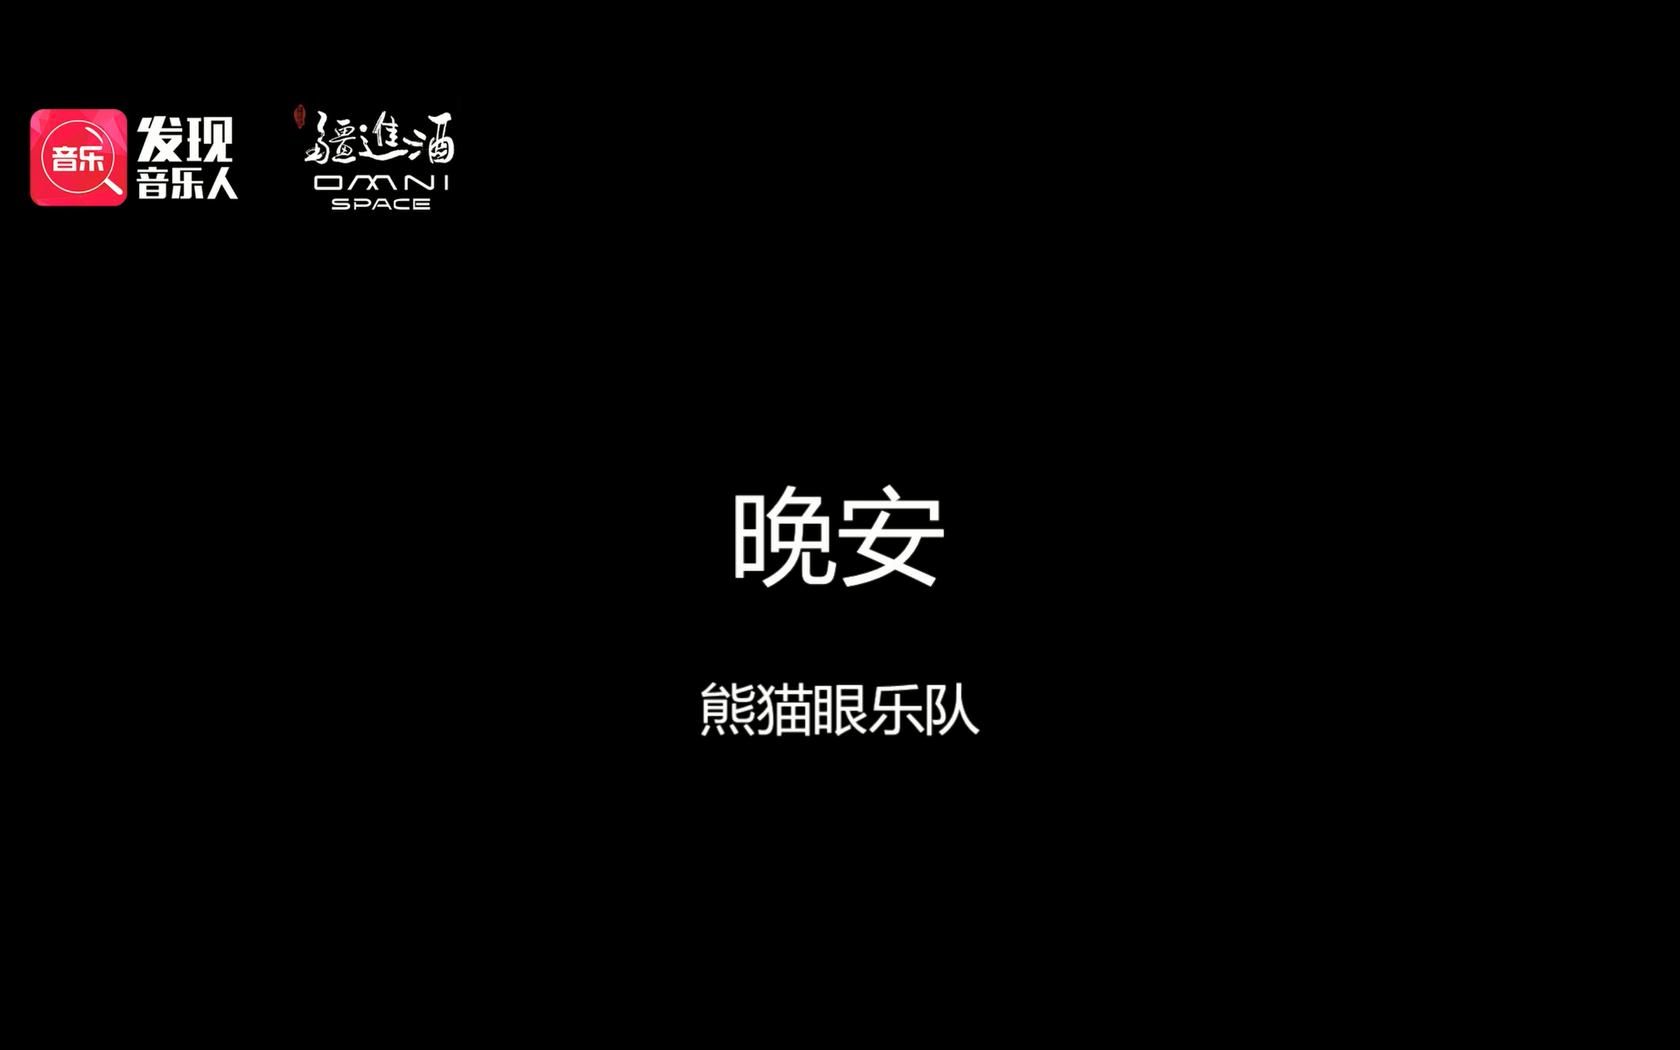 晚安-熊猫眼乐队